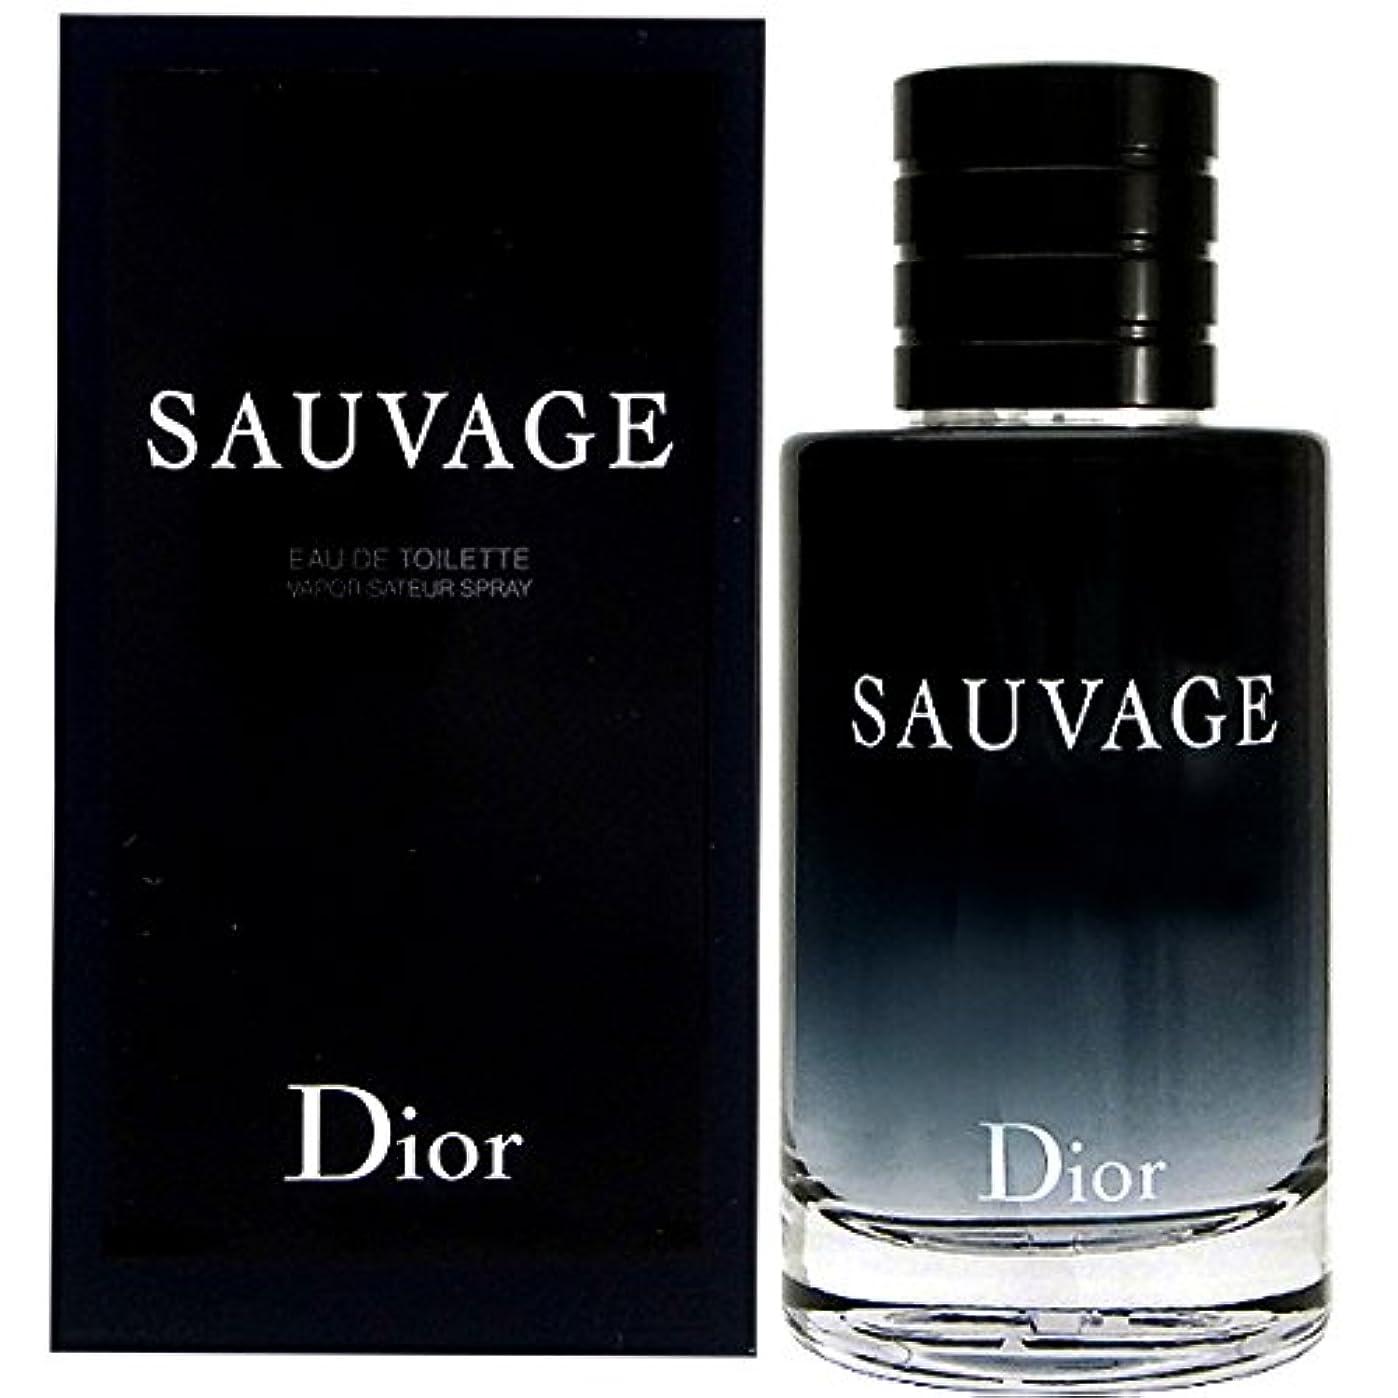 幾分欠陥ビュッフェクリスチャンディオール Christian Dior ソヴァージュ 100ml EDT オードトワレ メンズ(香水) [並行輸入品]